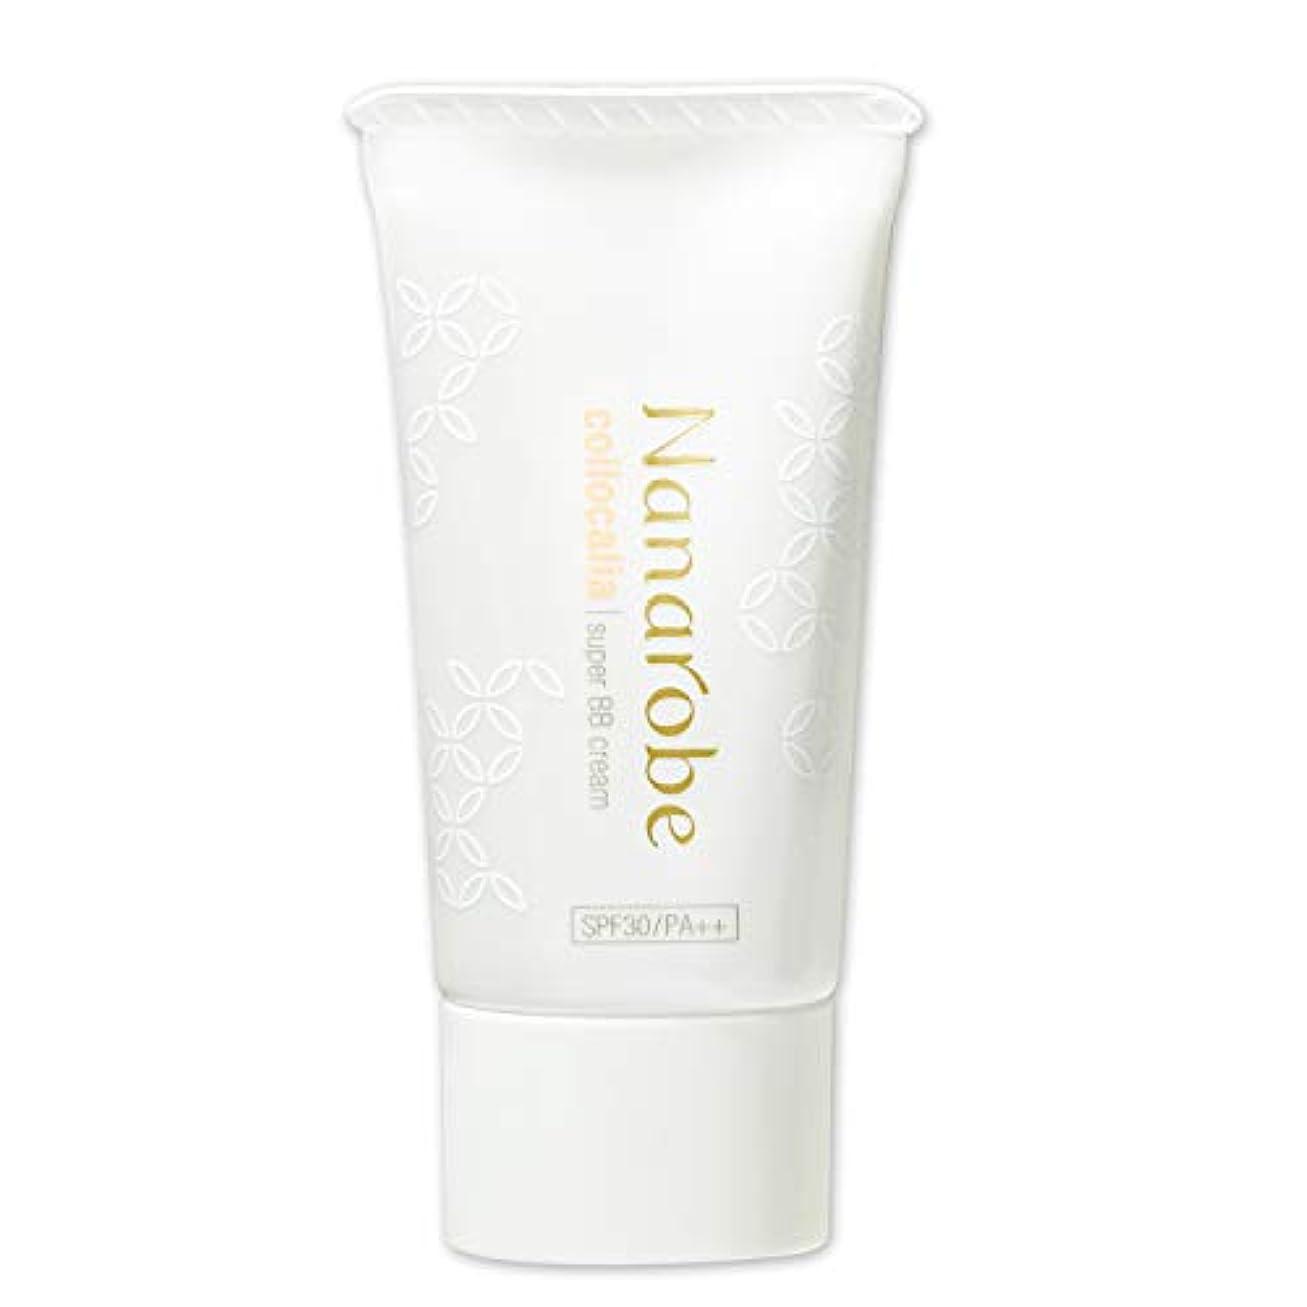 排除する頬設計図ナナローブ (Nanarobe) BBクリーム 化粧下地 ファンデーション コロカリア UV SPF30 PA++ 30g